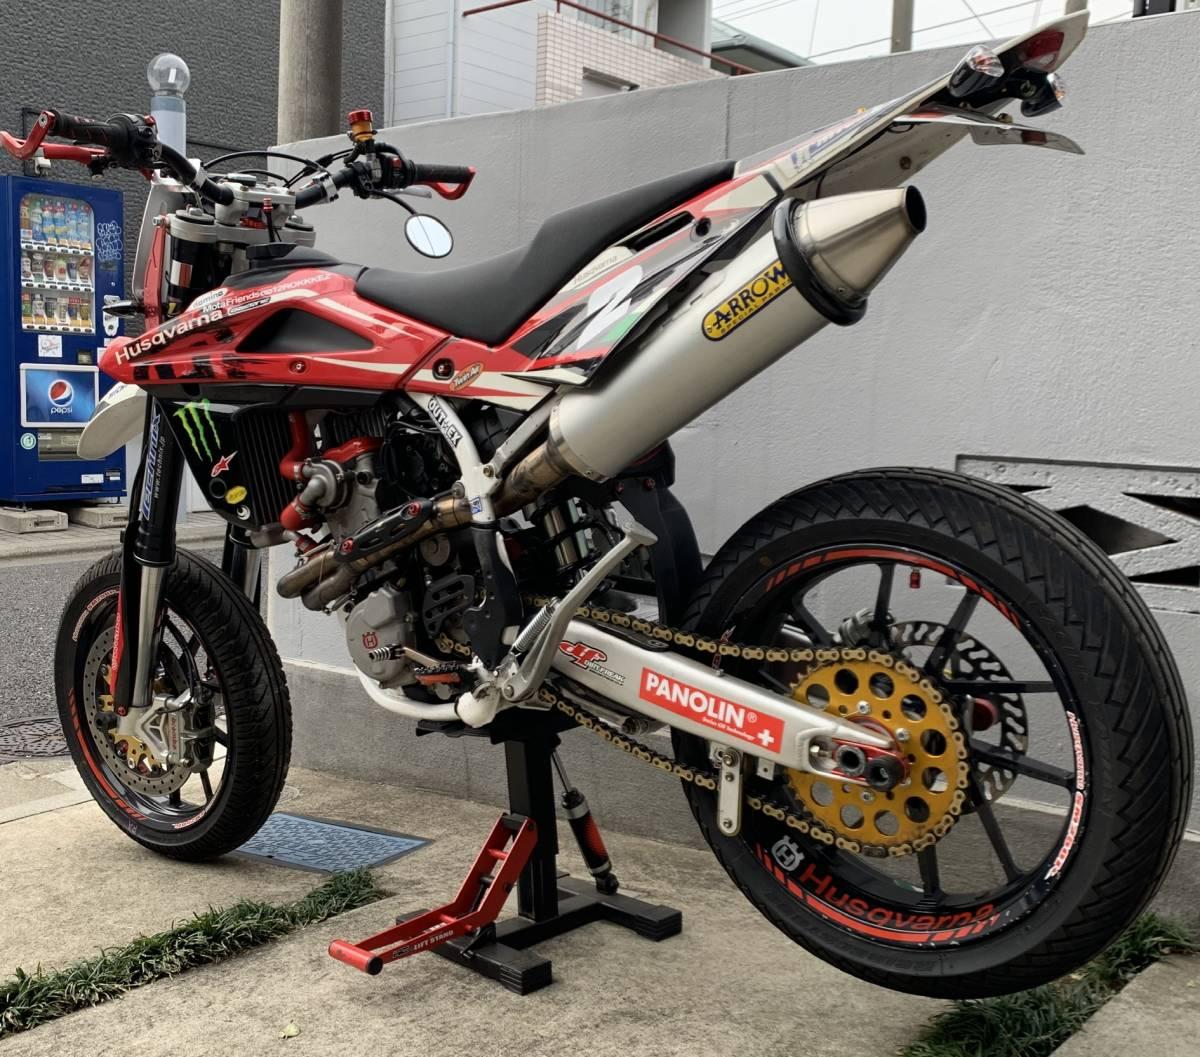 2009年式 インジェクション ハスクバーナSM250R ATHENA300cc 250cc登録 改造多数 予備部品多数_画像9